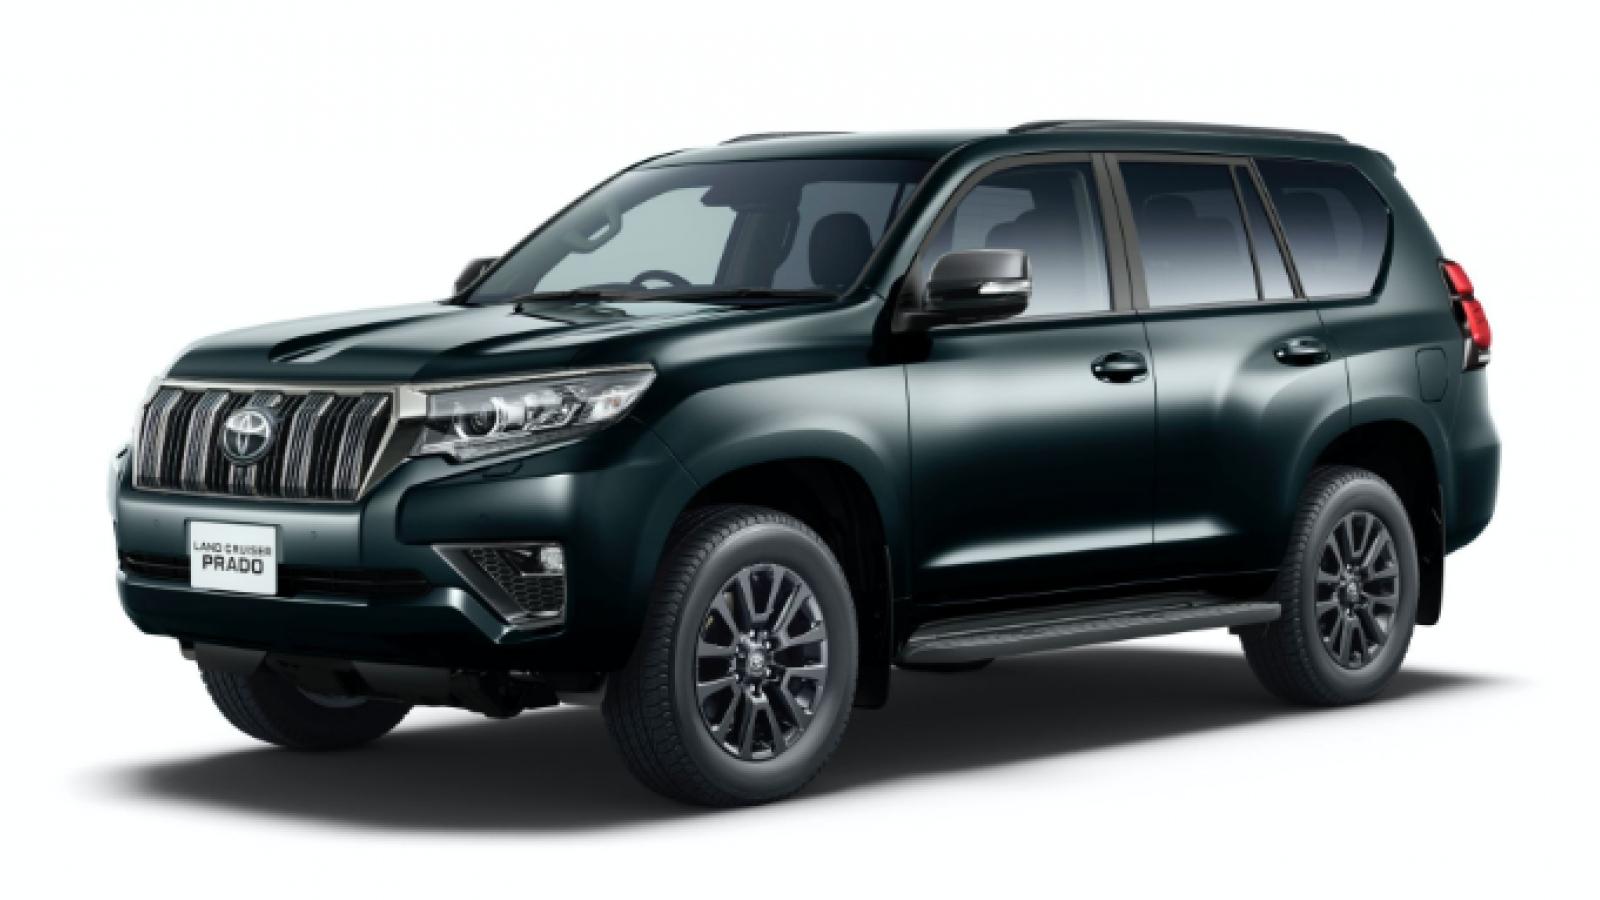 Toyota Land Cruiser Prado thêm sức mạnh và phiên bản màu đen